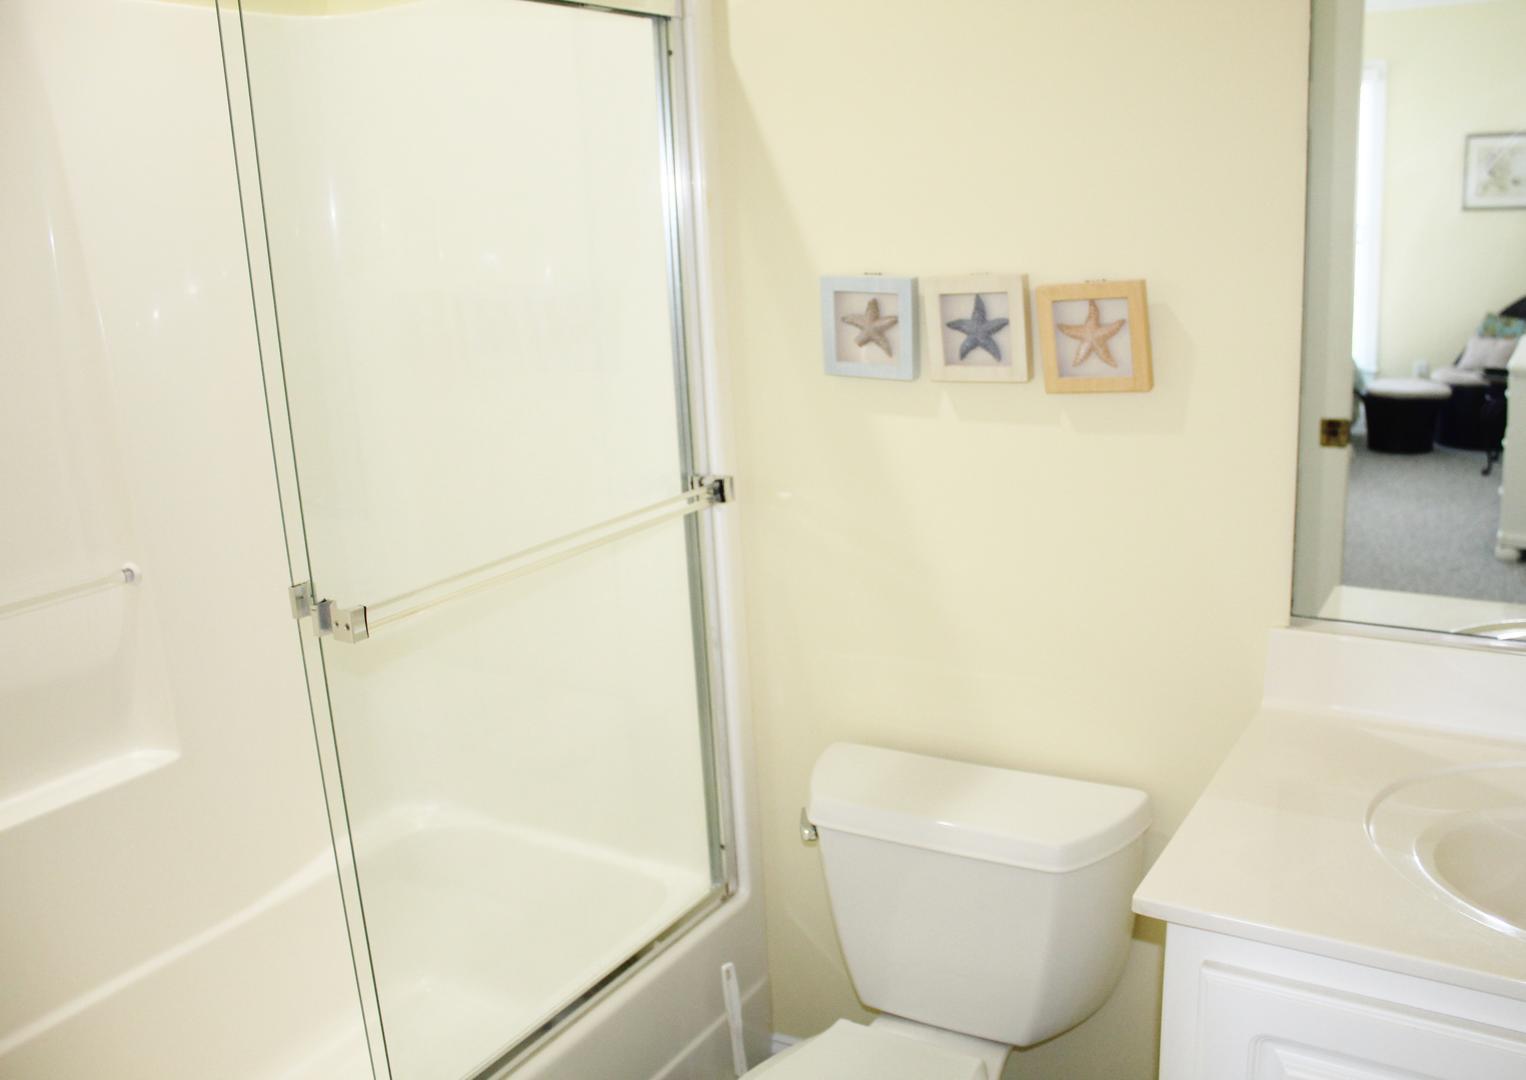 Bathroom in bedroom